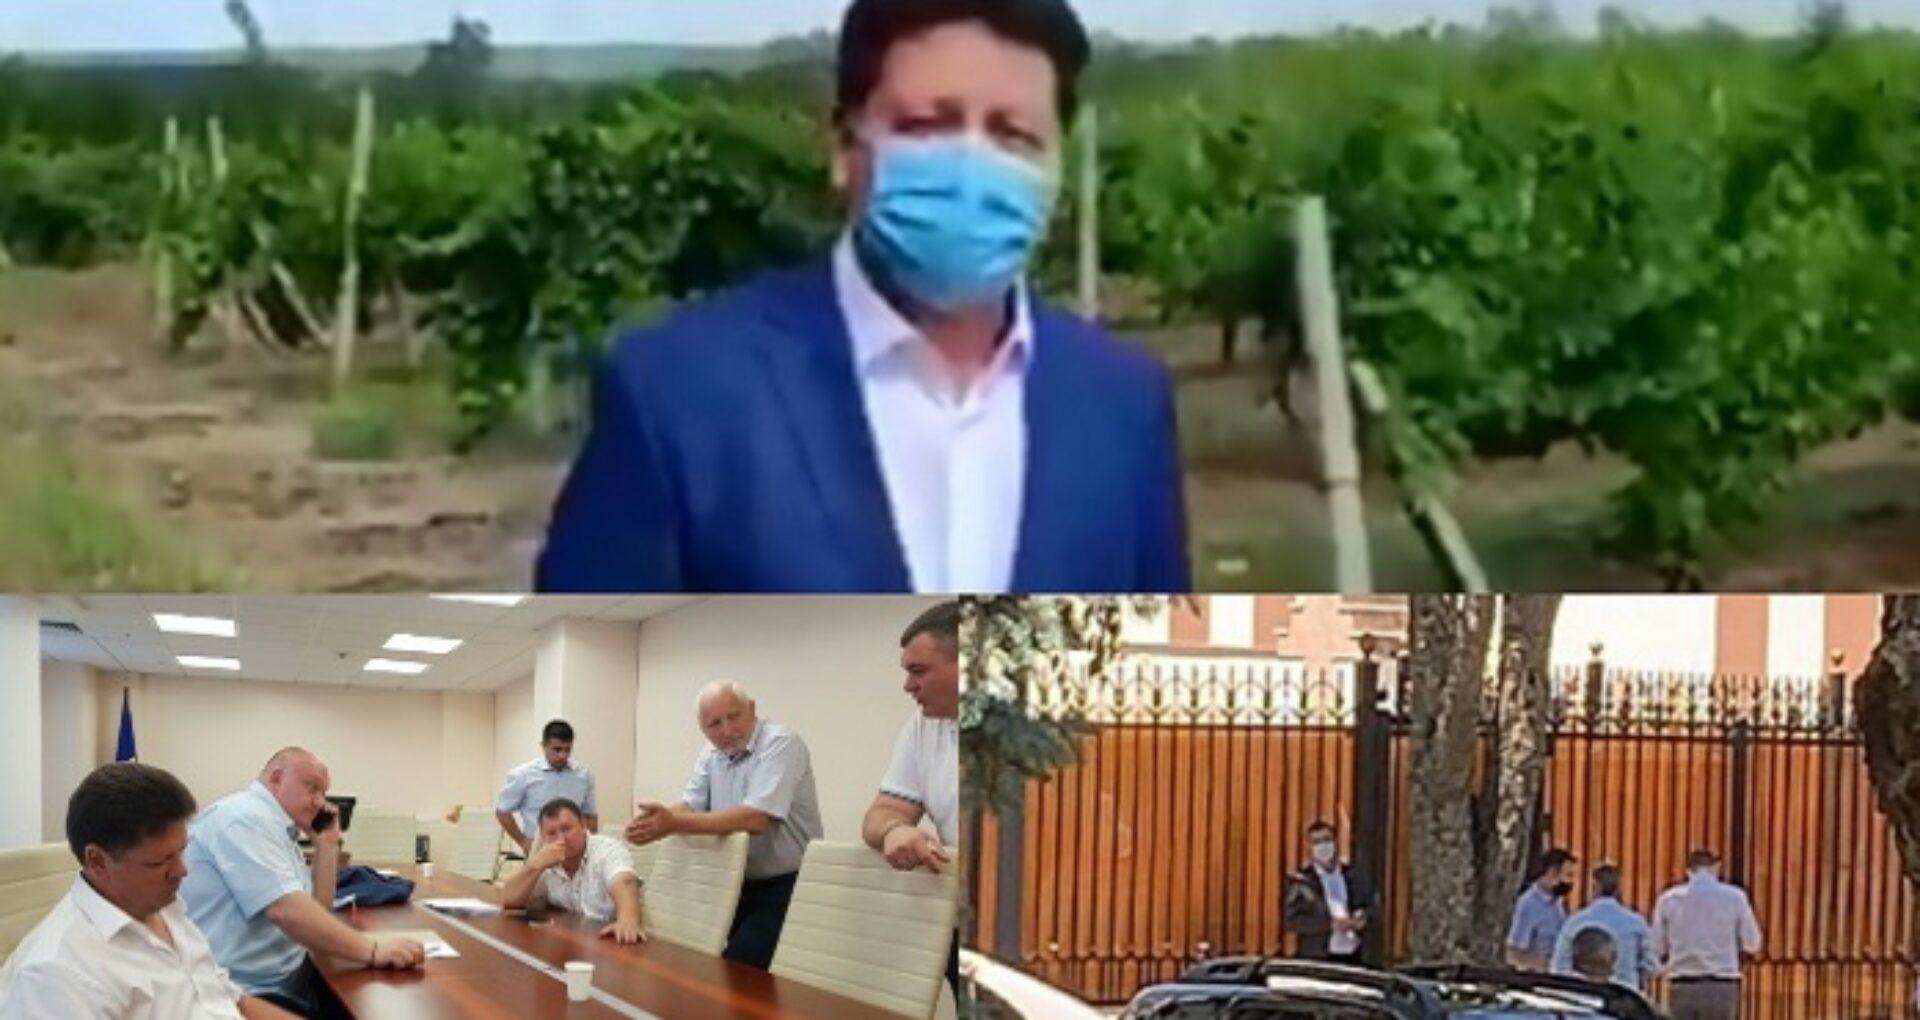 """Deputat PPDA, despre Gațcan: """" Anumite metode identificate de doi membri din gașca lui Dodon l-au convins pe colegul Gațcan că totul e bine"""""""